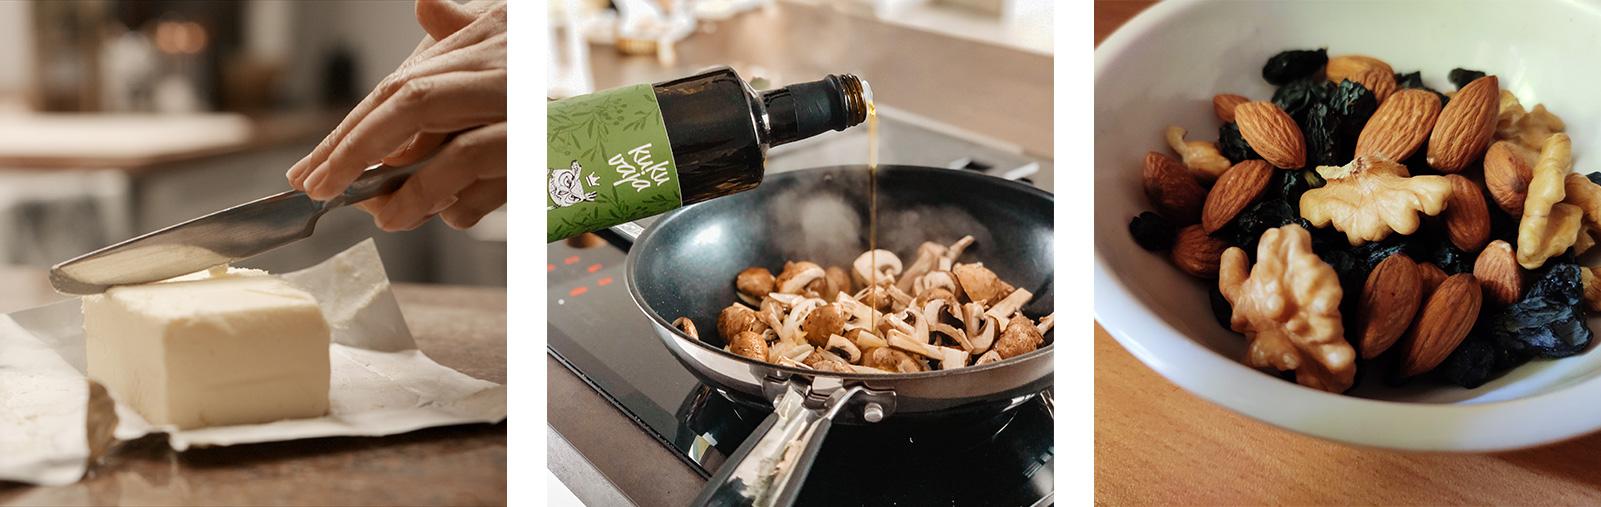 Ungesättigte Fettsäuren (Olivenöl, Nüsse) sollten die gesättigten (Butter) überwiegen.